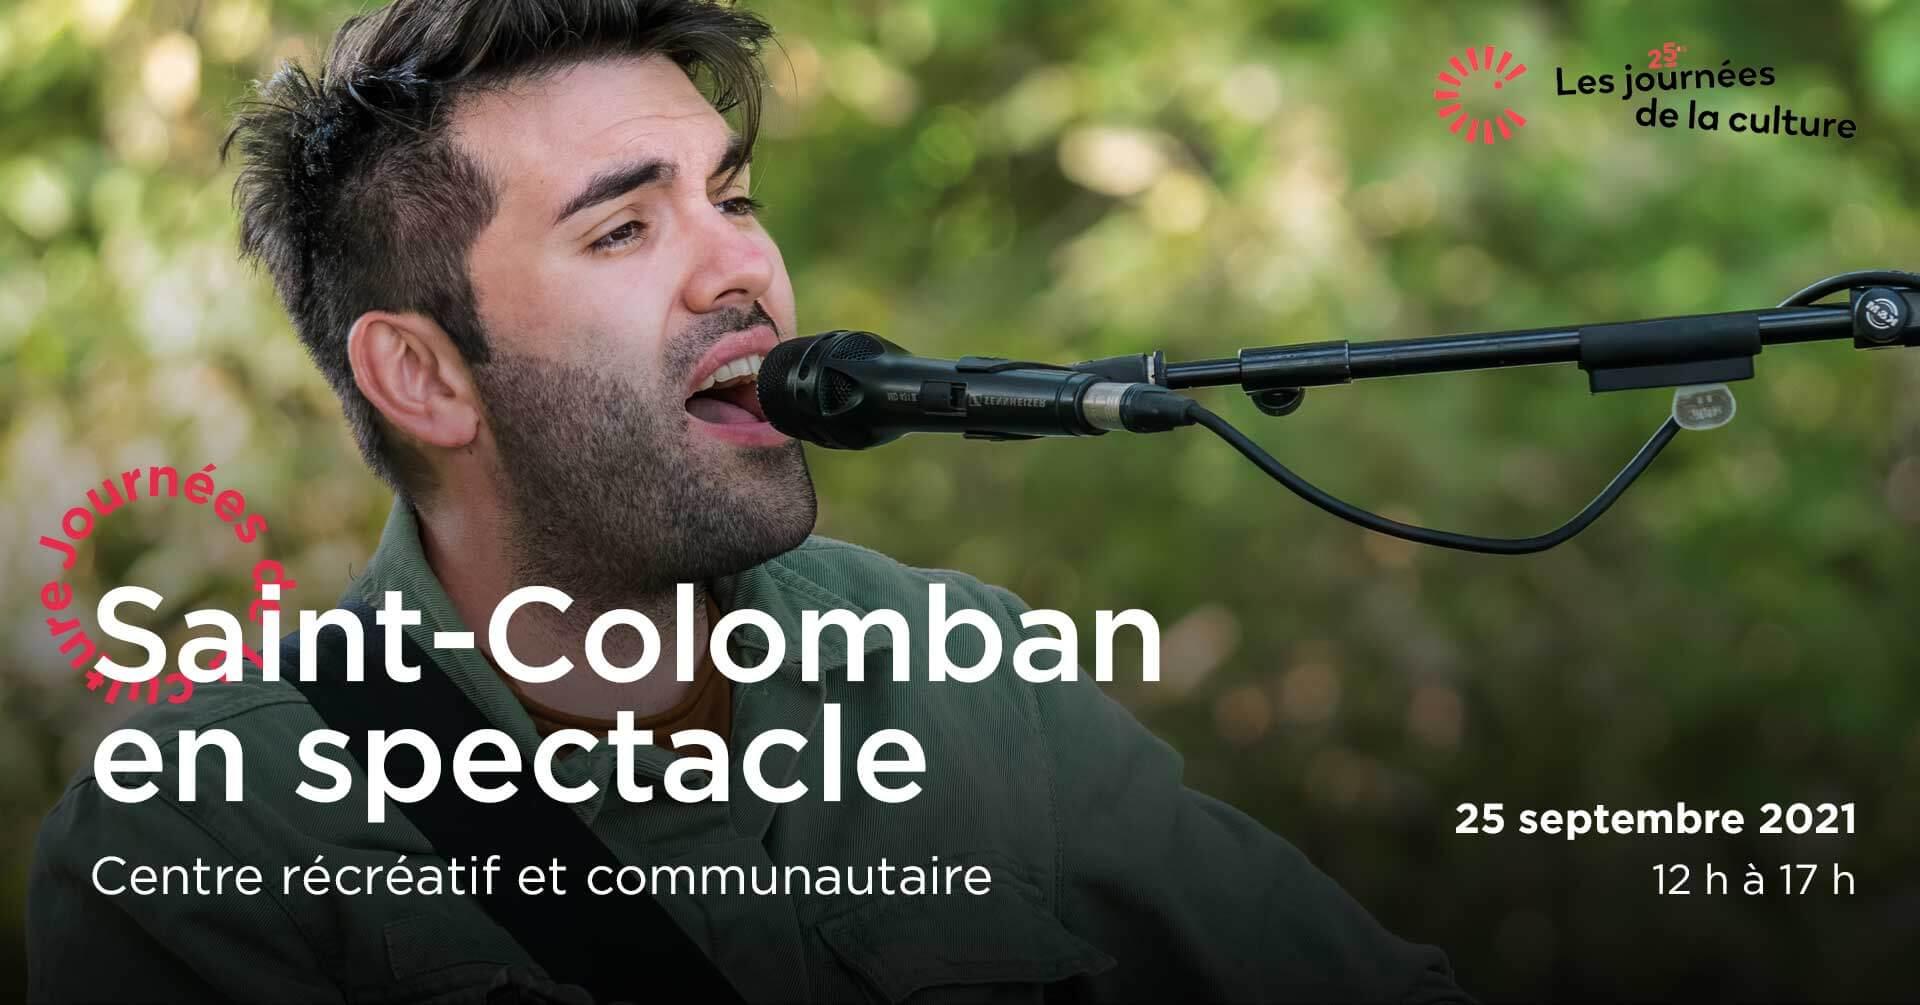 Saint-Colomban en spectacle